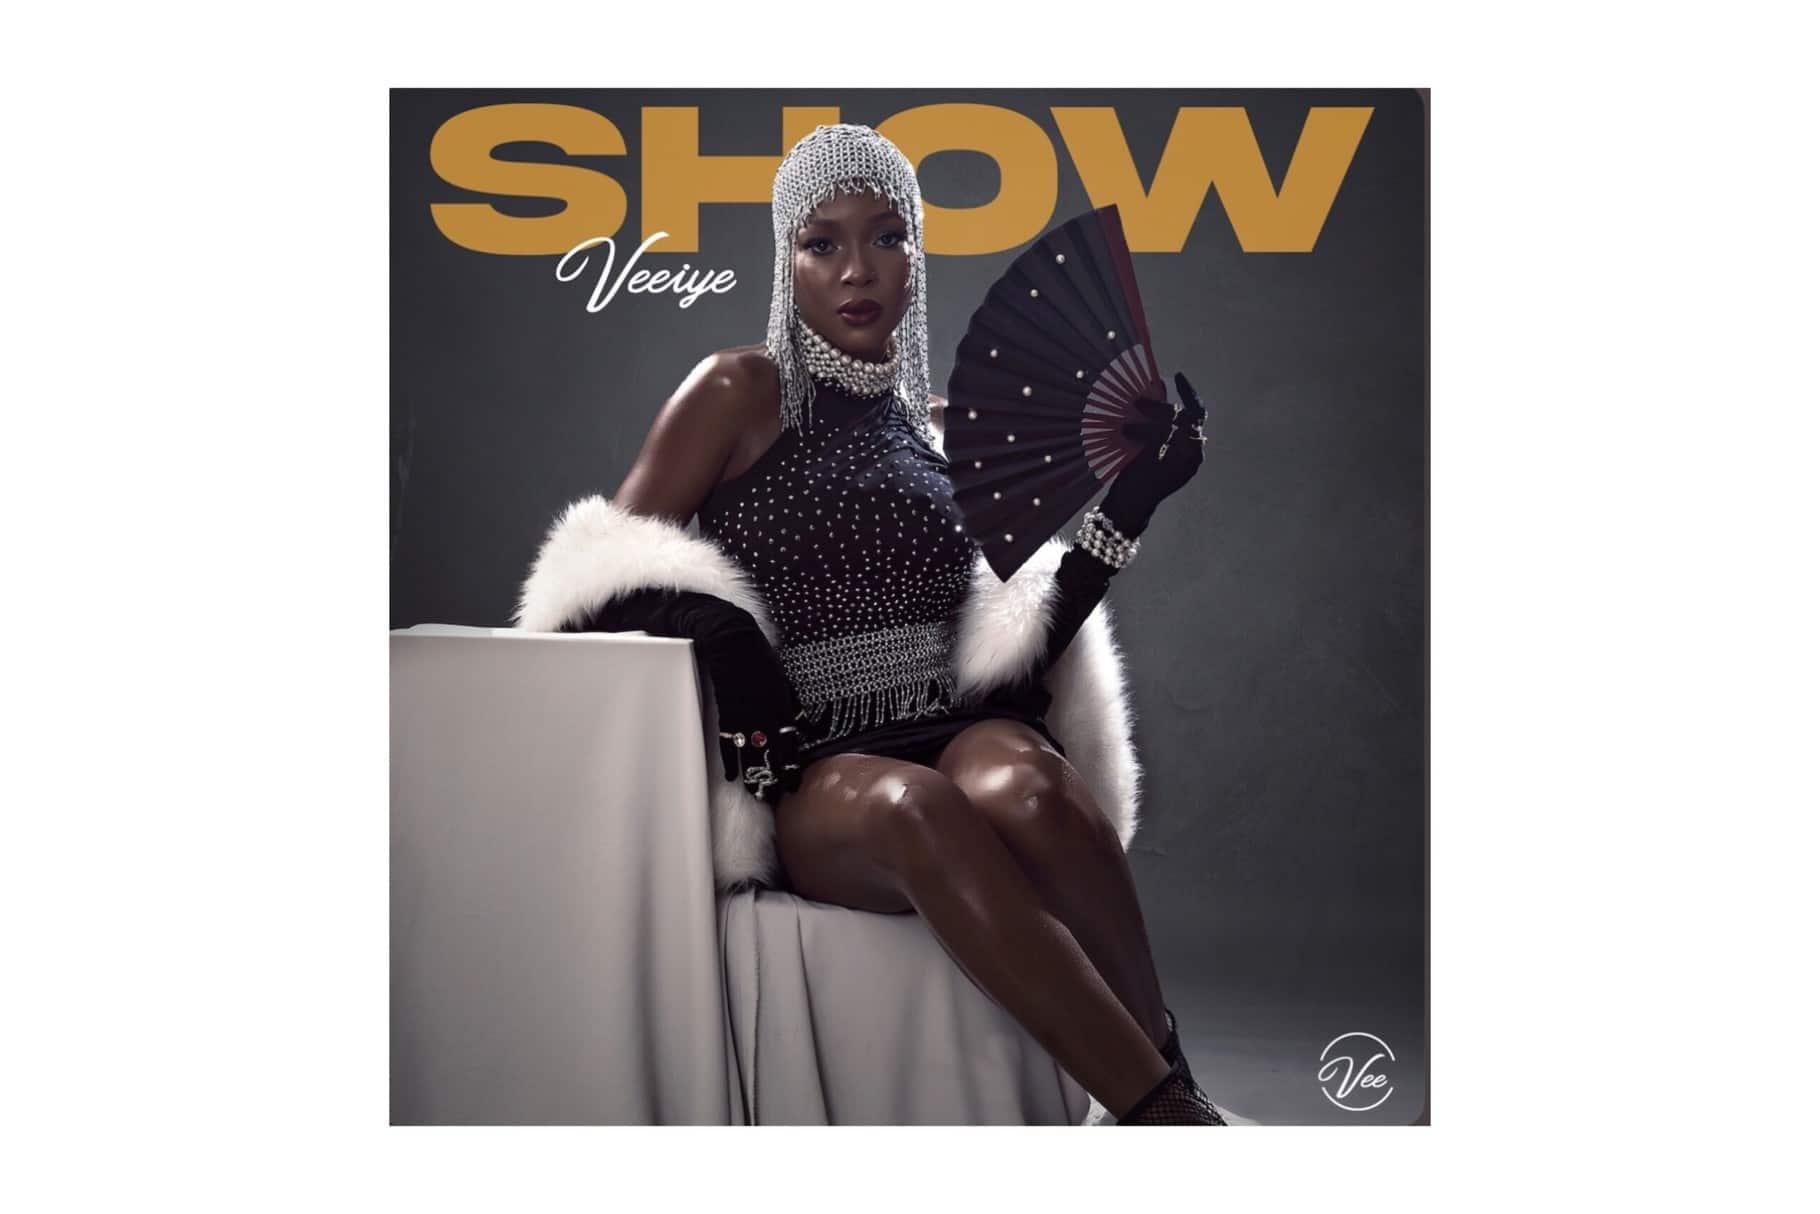 BBNaija vee show download Veeiye show download